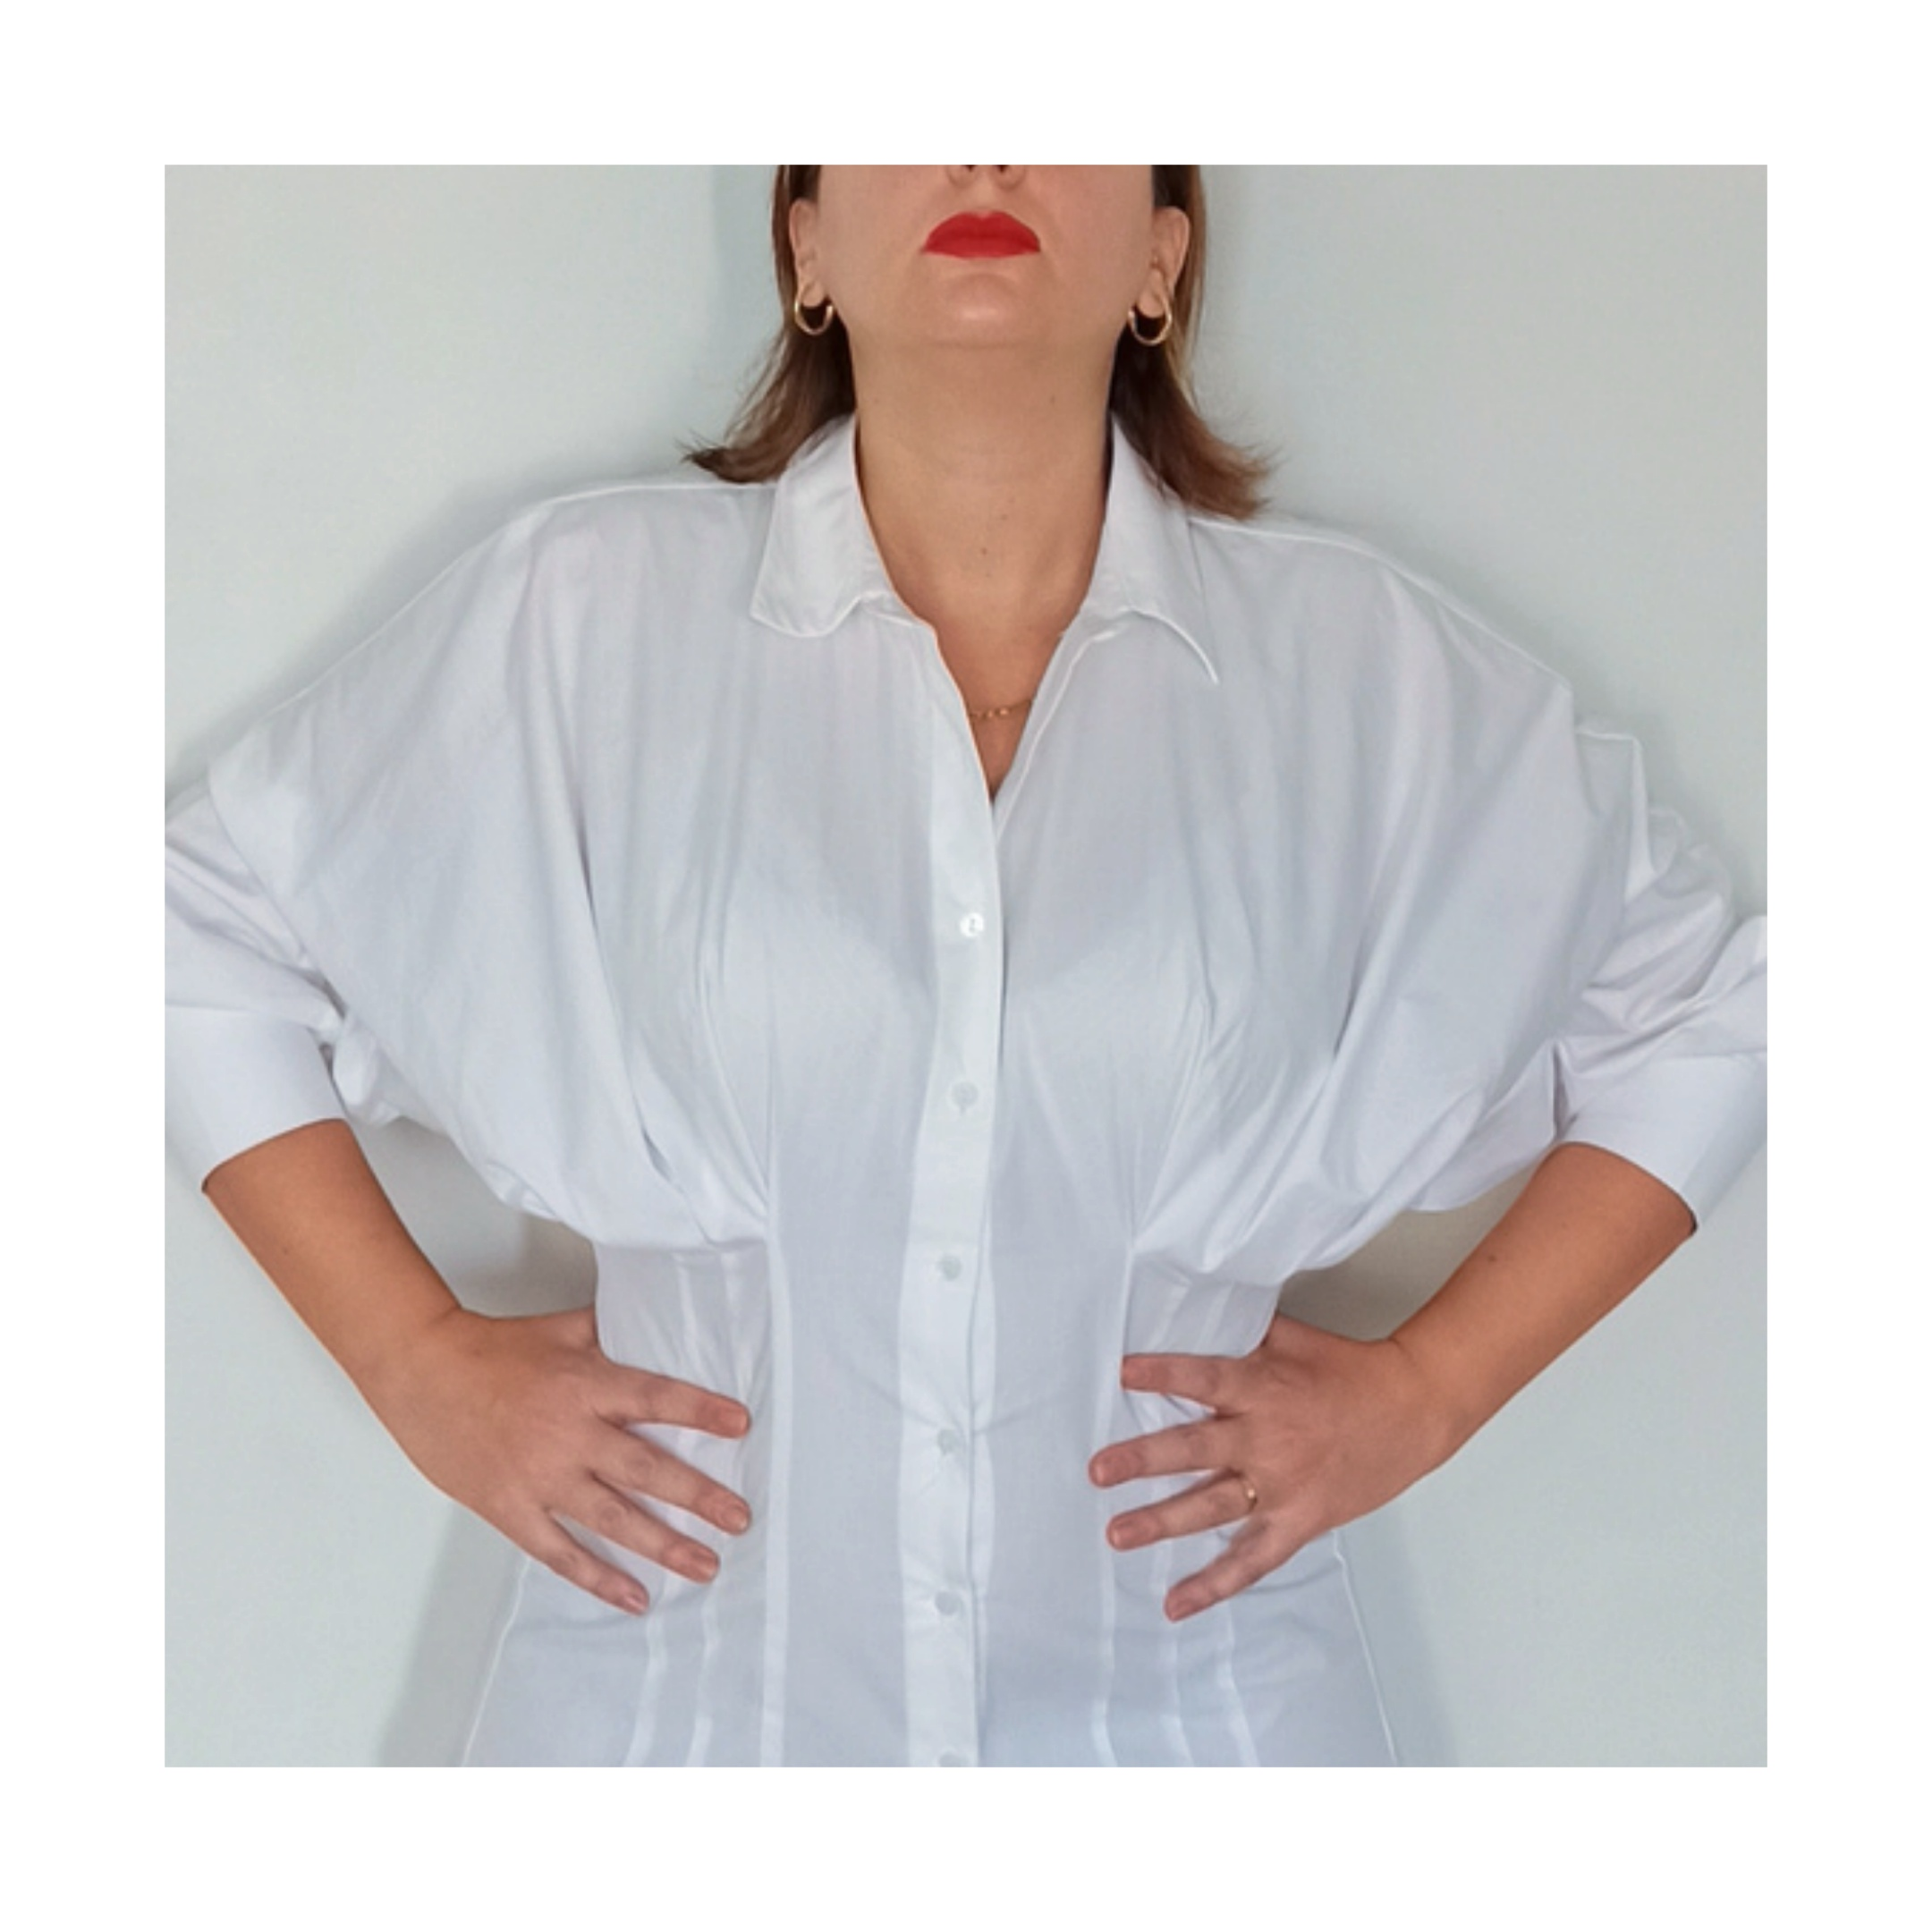 Glosario de moda 03 Paula Cuevas Asesora de imagen